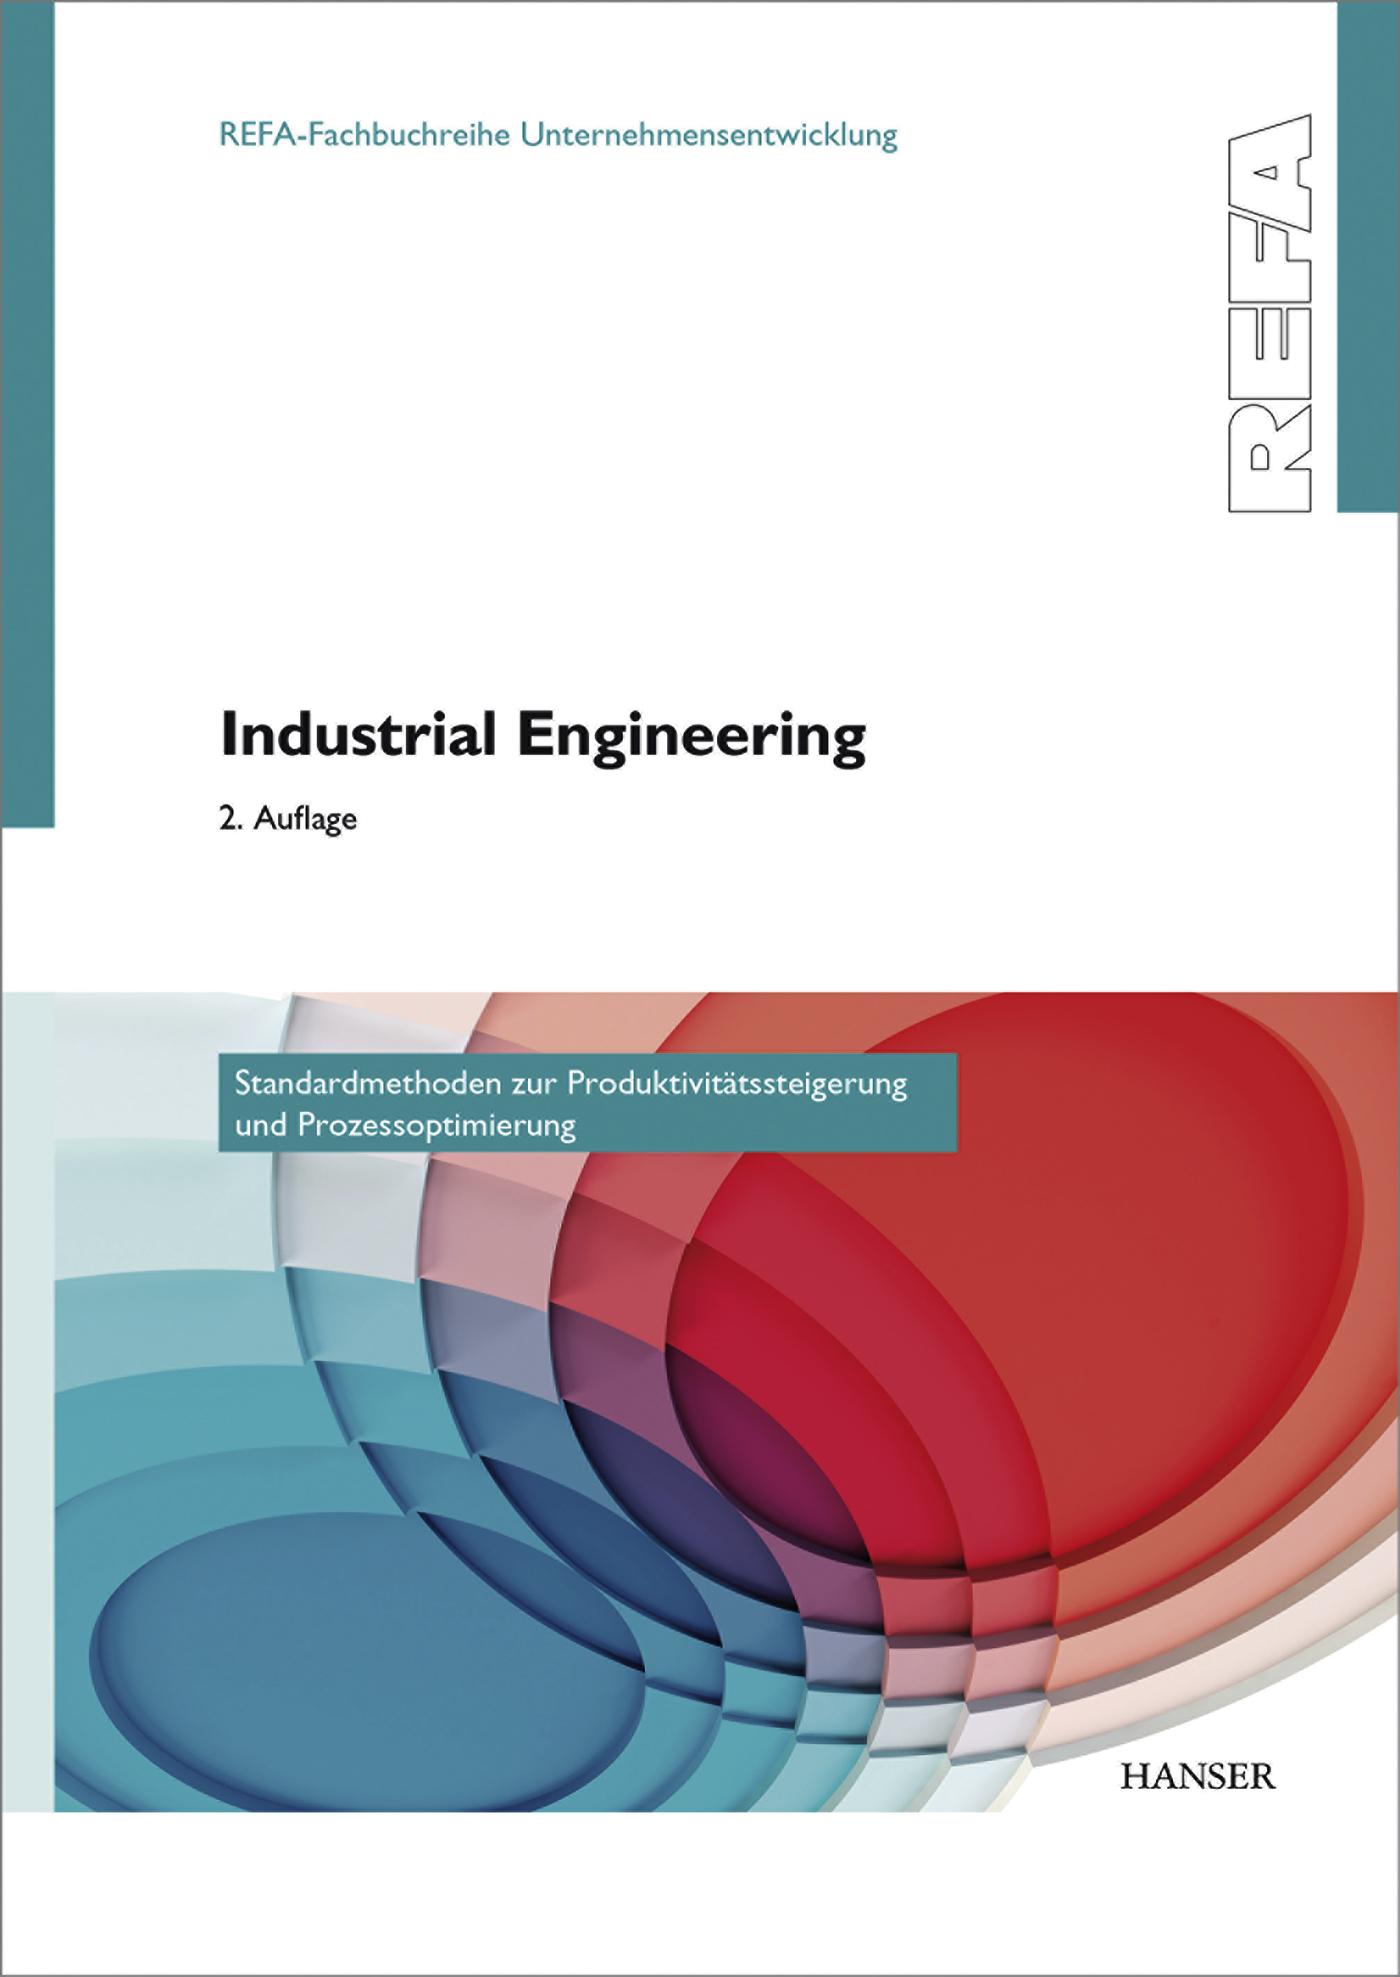 Industrial Engineering - Standardmethoden zur Produktivitätssteigerung und Prozessoptimierung, 978-3-446-44786-8